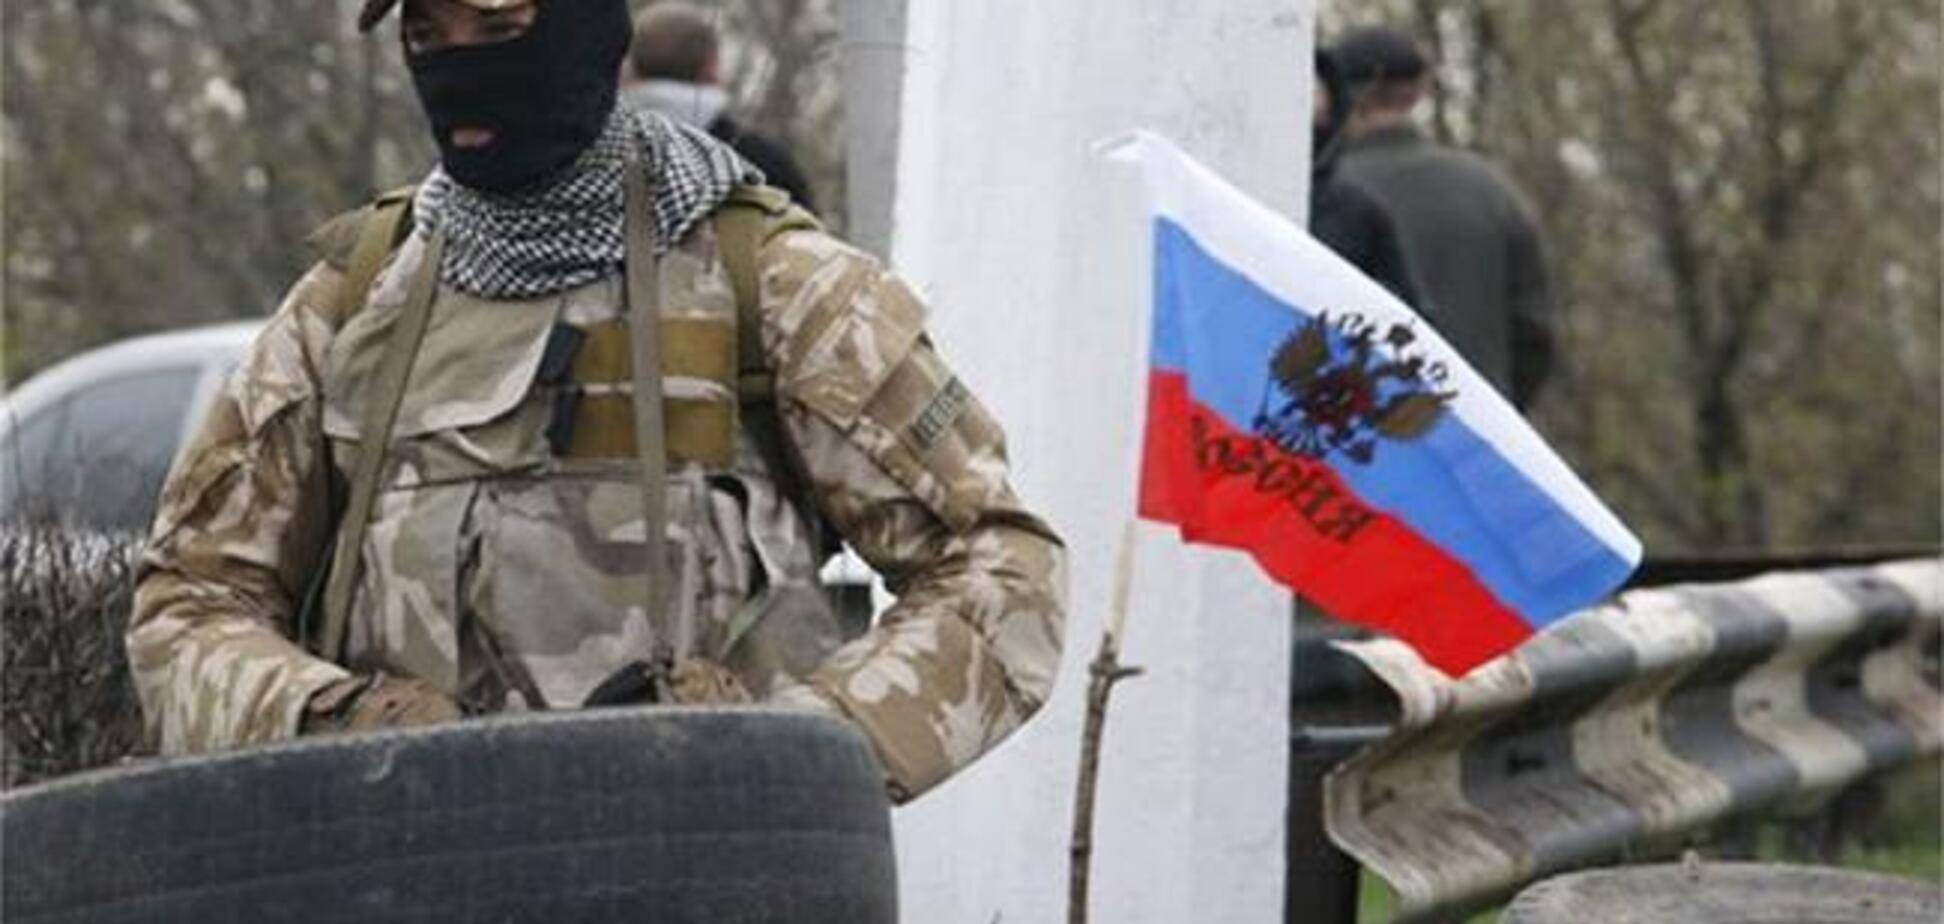 У 'ДНР' заявили про підготовку наступу ЗСУ на 'республіку'